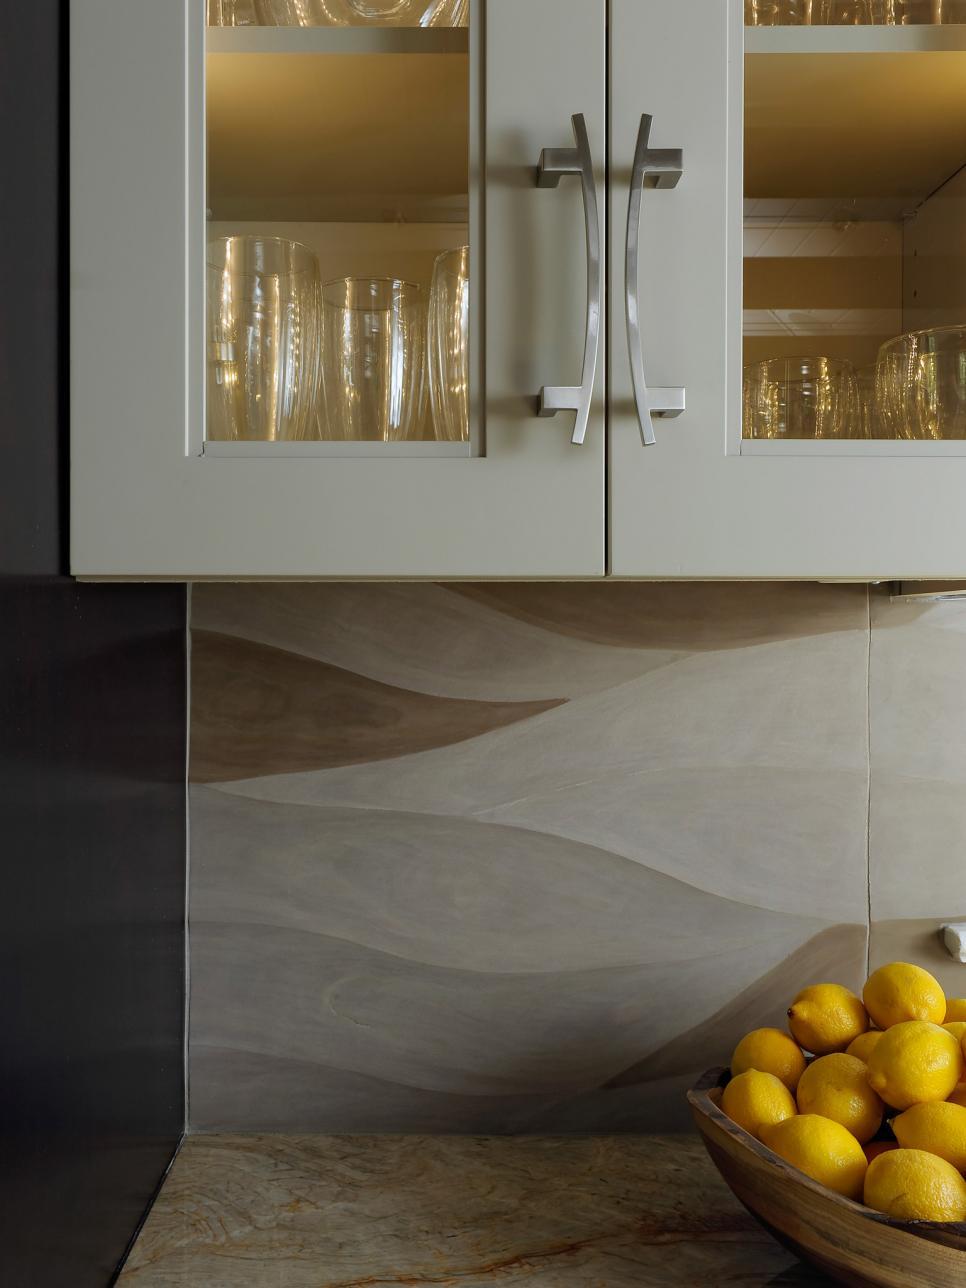 Кафельные плитки с рельефной поверхностью в оформлении кухонного фартука